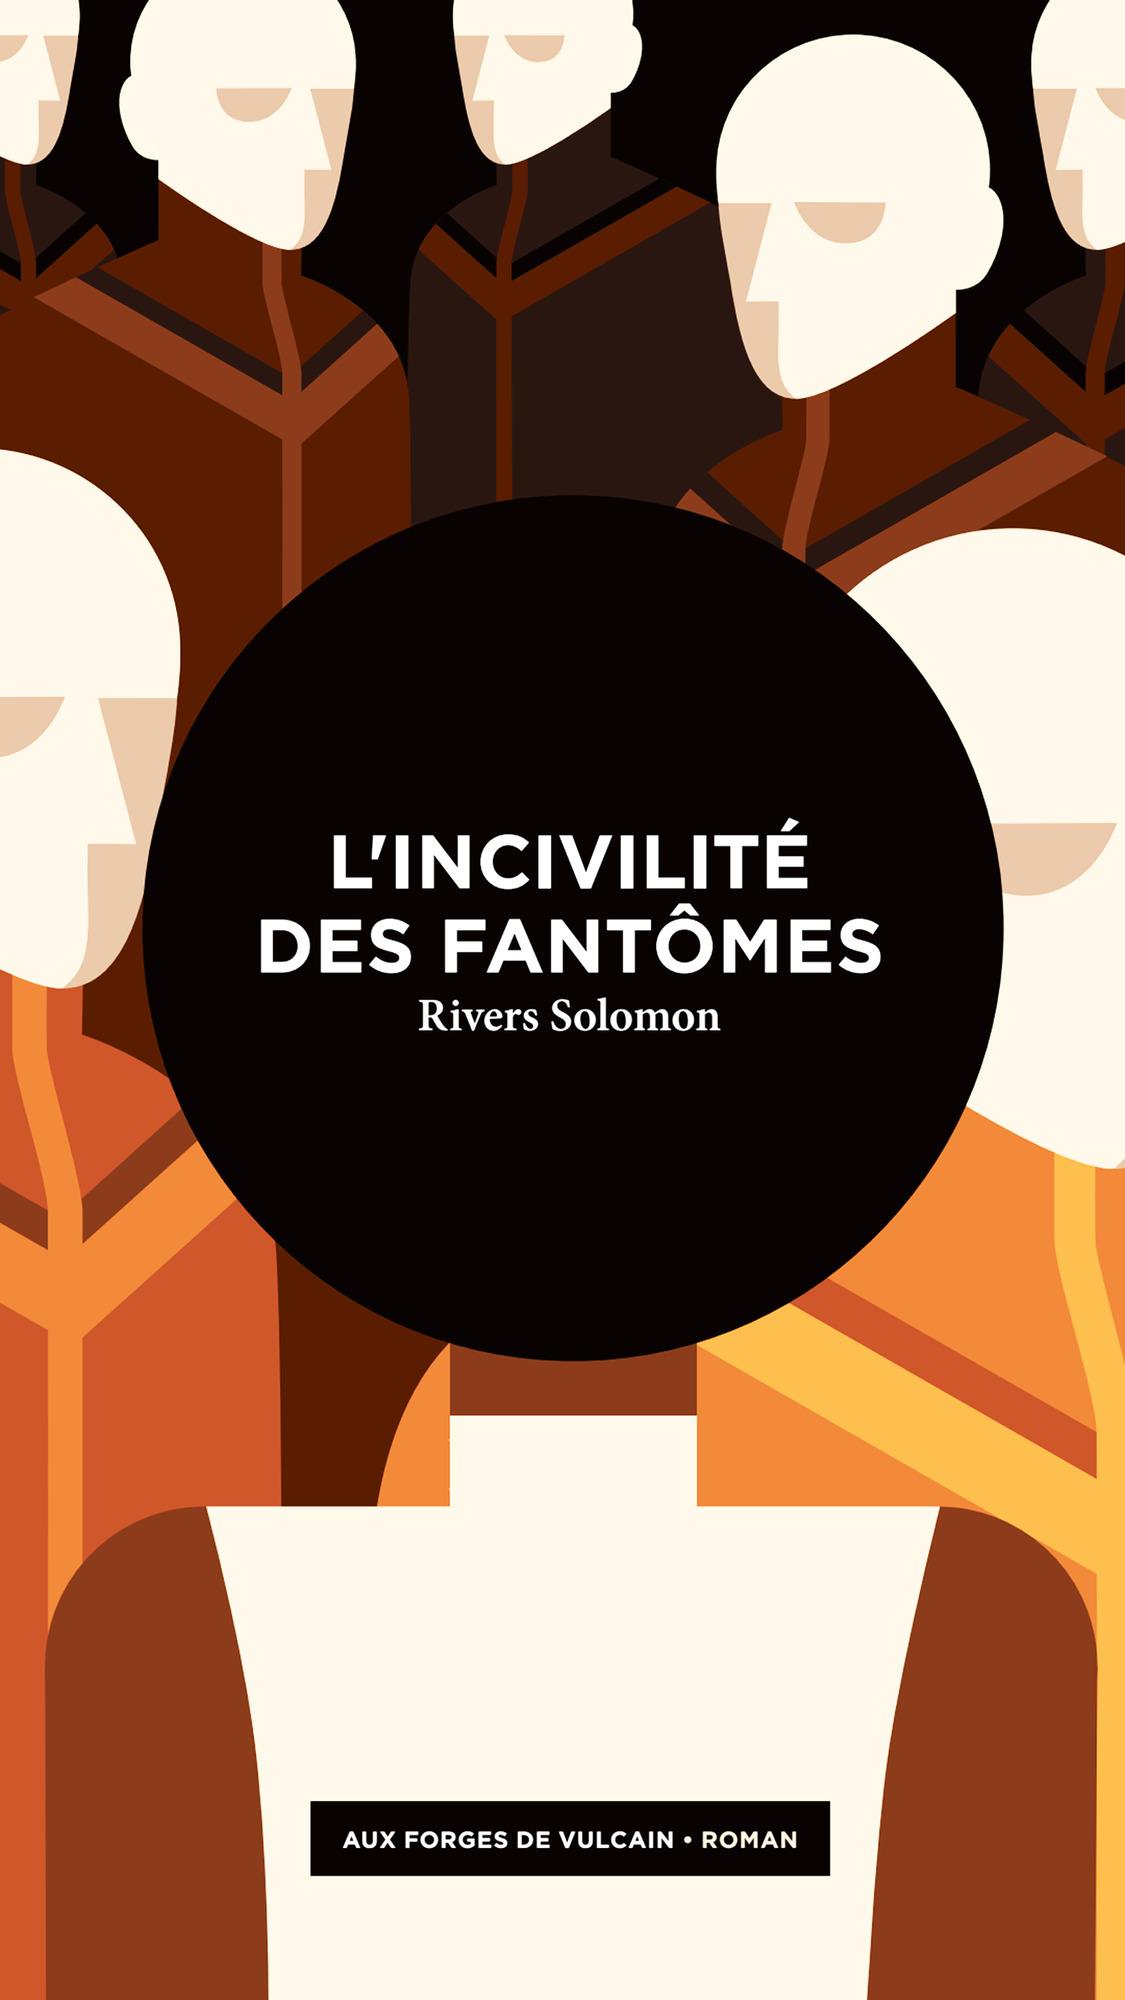 L'Incivilité des fantômes, de Rivers Solomon, traduit par Francis Guévremont, éditions Aux forges de Vulcain, 400pages, 20euros